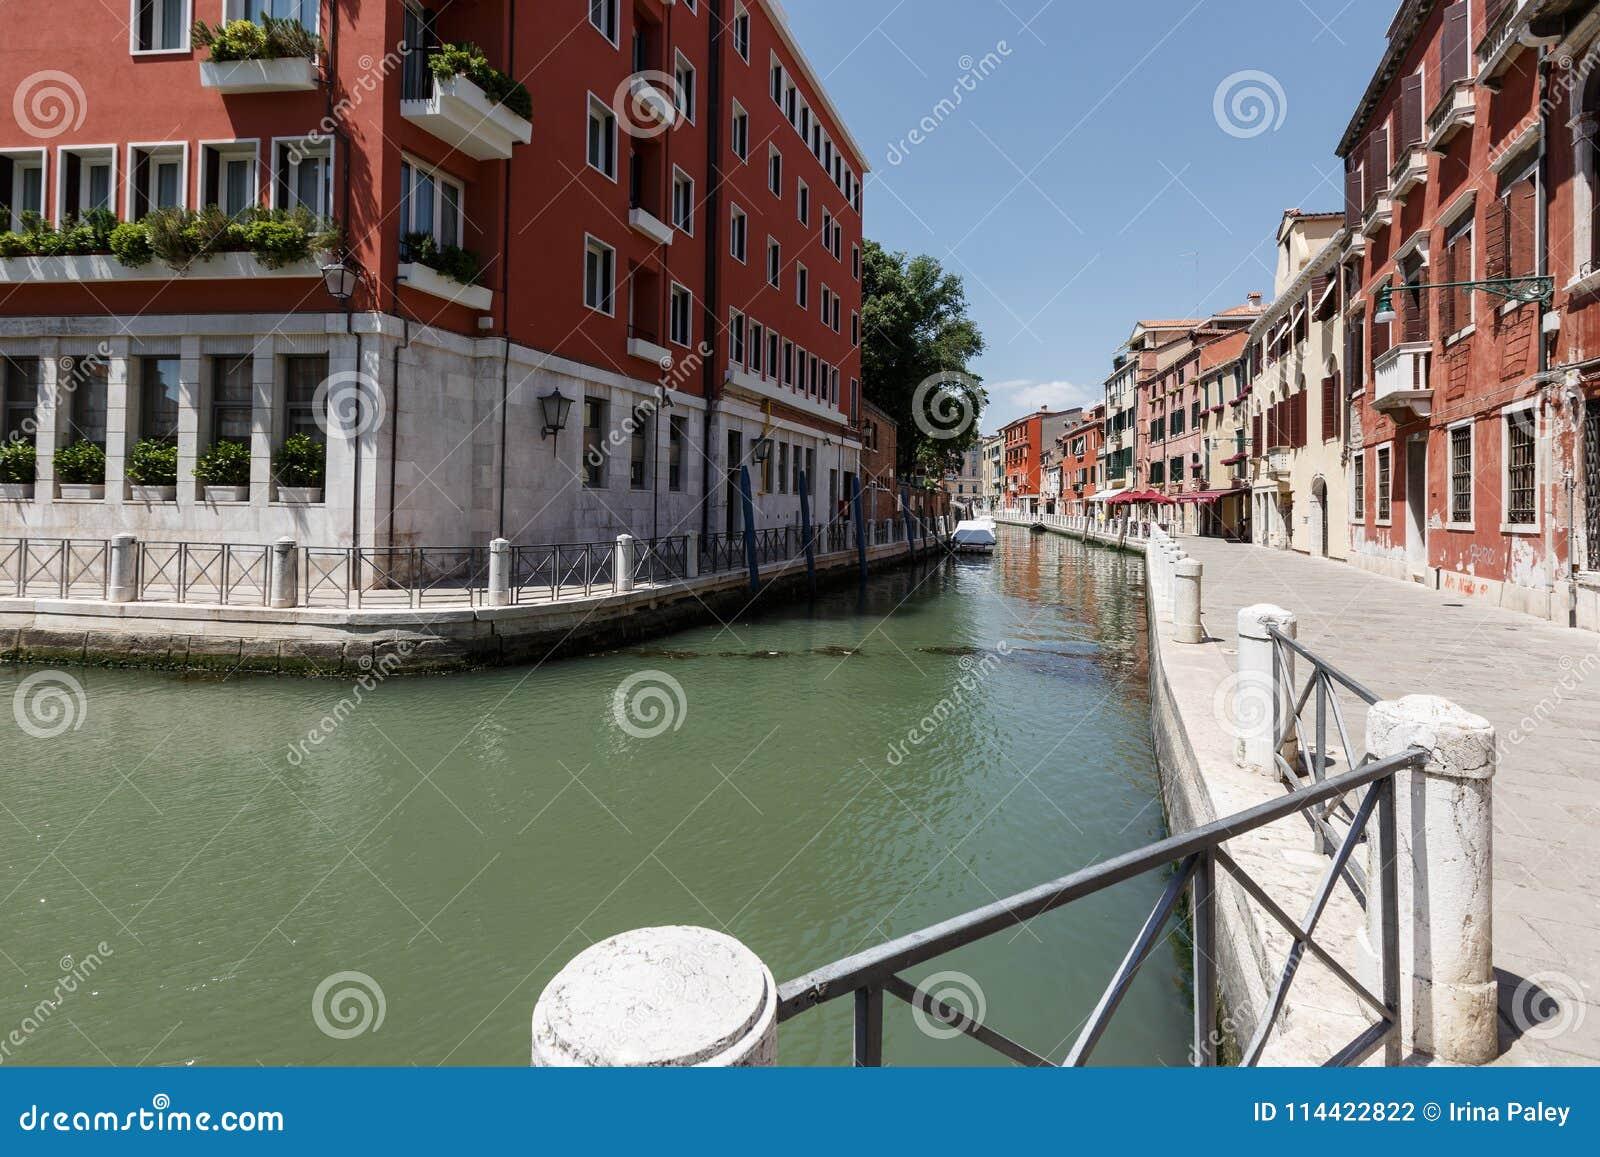 威尼斯运河的典型的看法  非常大厦之间的狭窄的距离